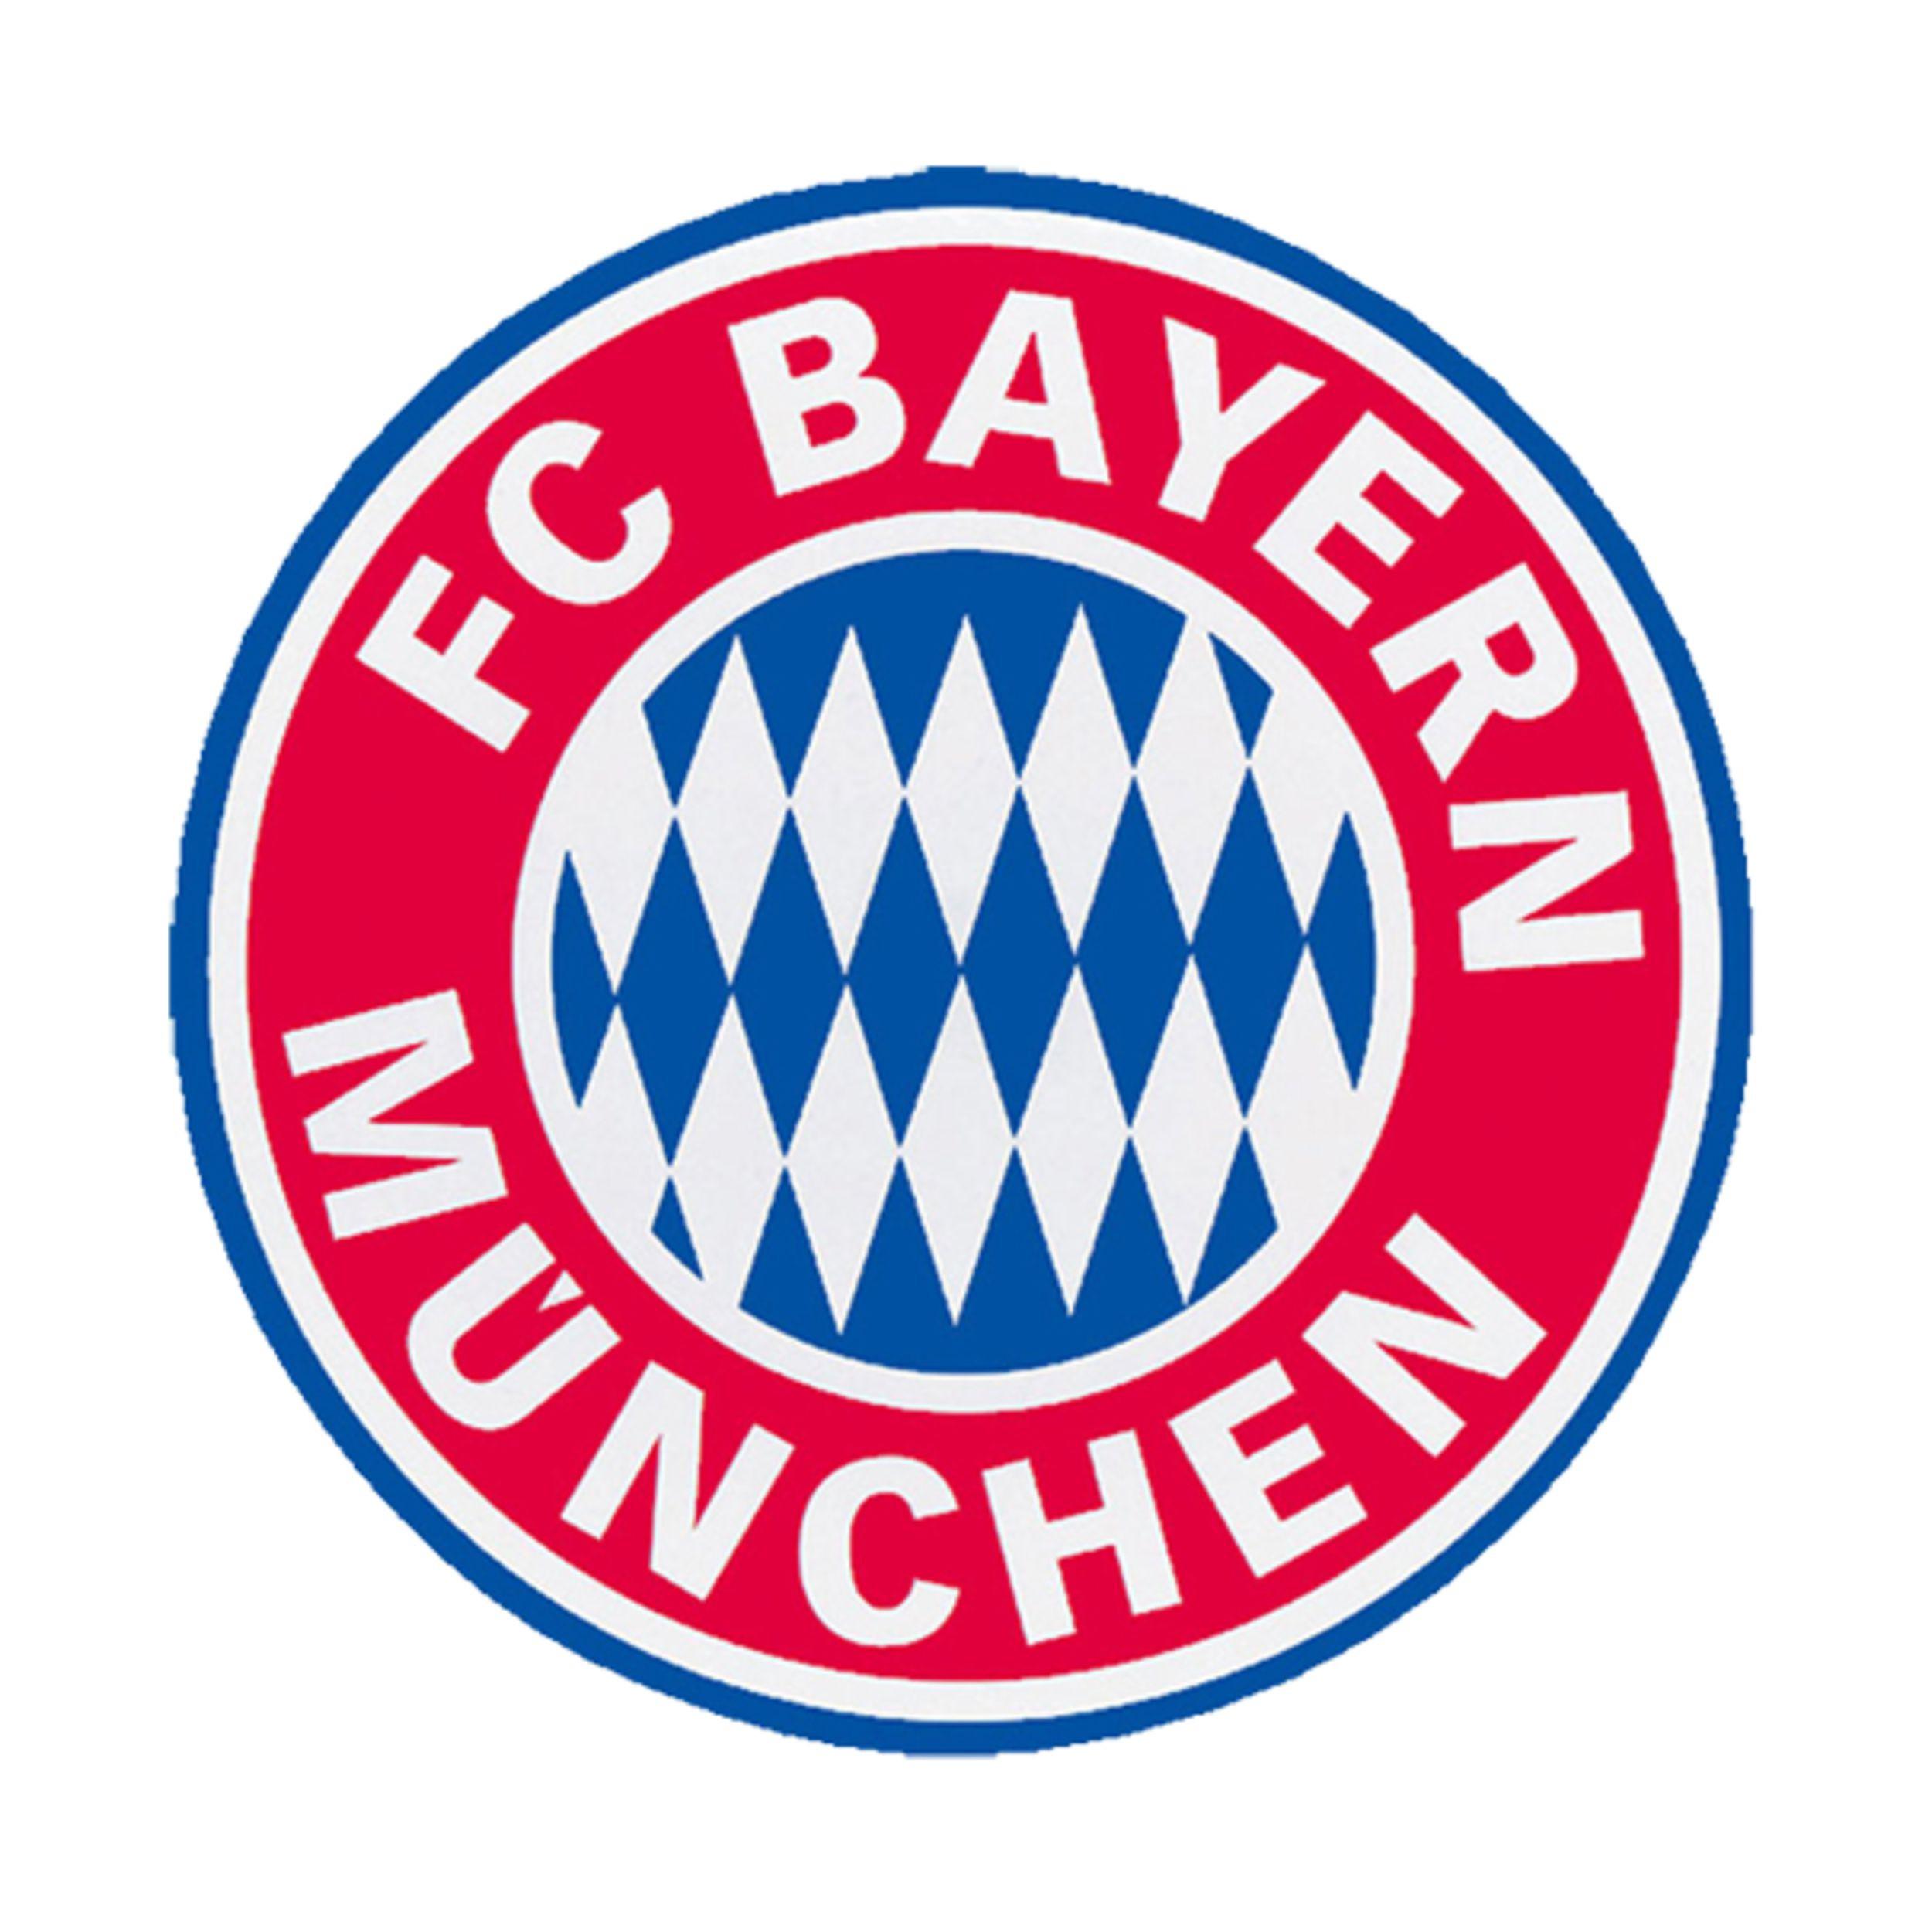 Fc Bayern Logo Zum Ausmalen Frisch Malvorlagen 1860 München Inspirierend Fußball Ausmalbilder Neu Fotos